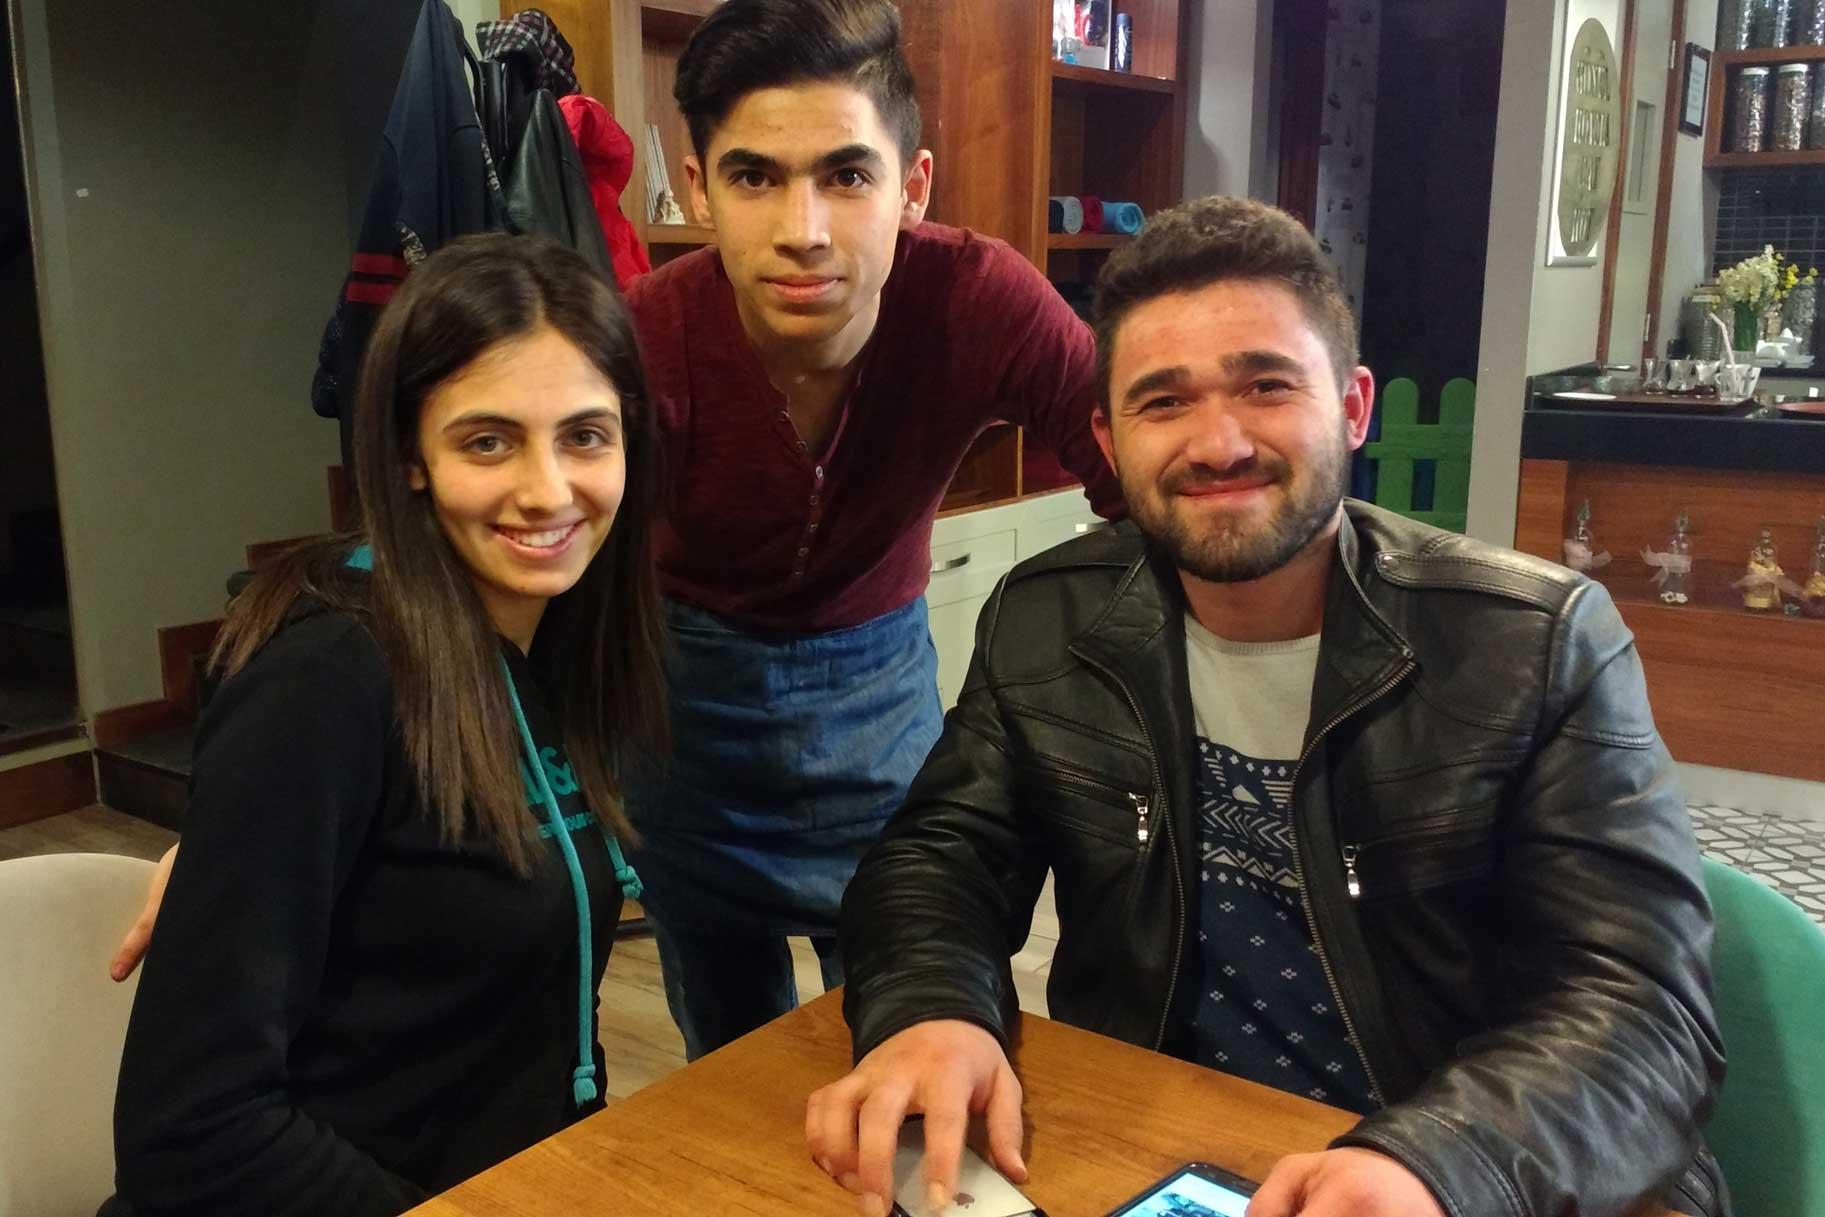 Drei türkische Studenten an einem Tisch